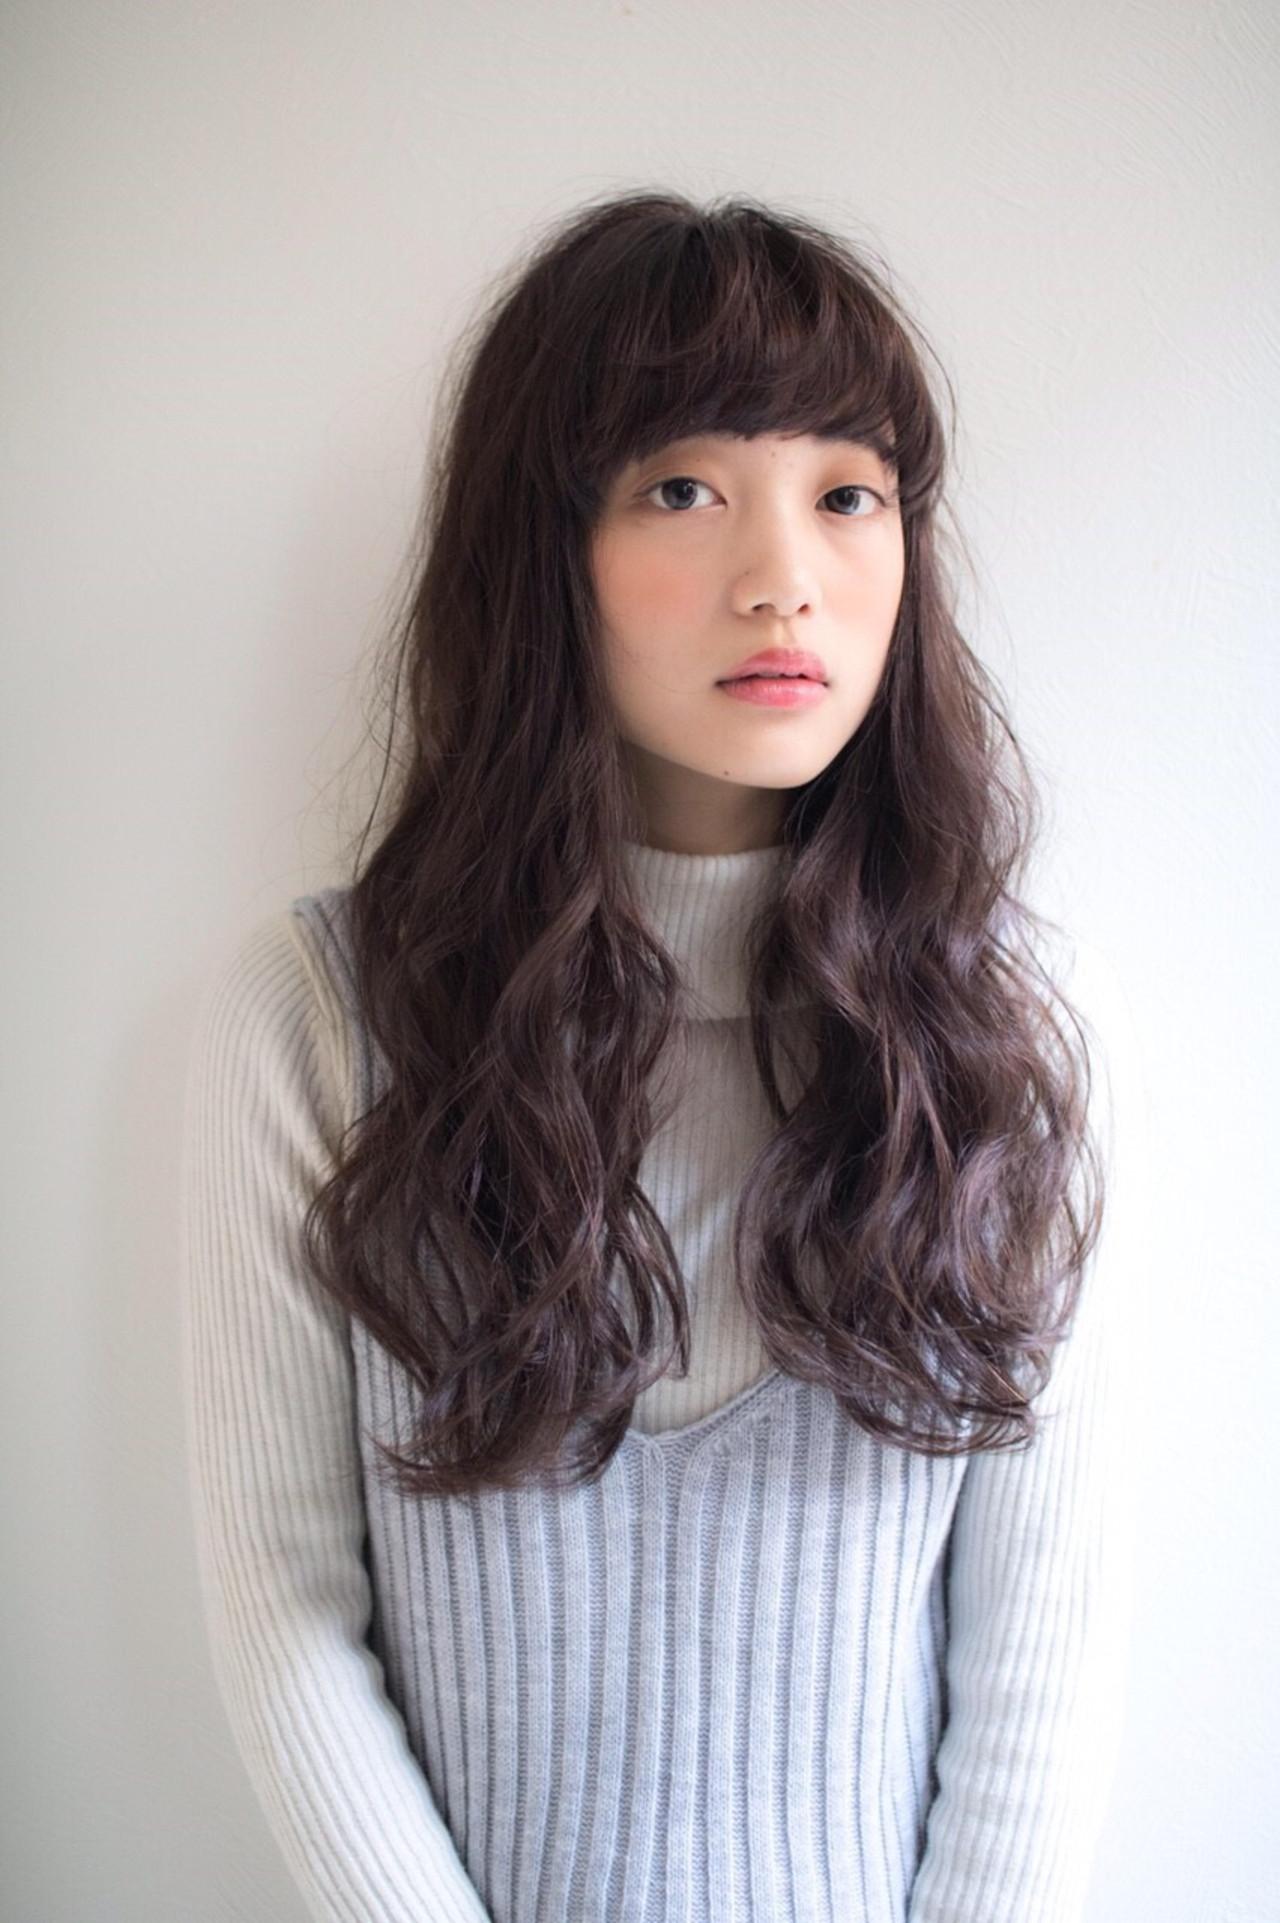 黒髪ロング×パーマの髪型まとめ♡ナチュラルにかわいい面長 ...